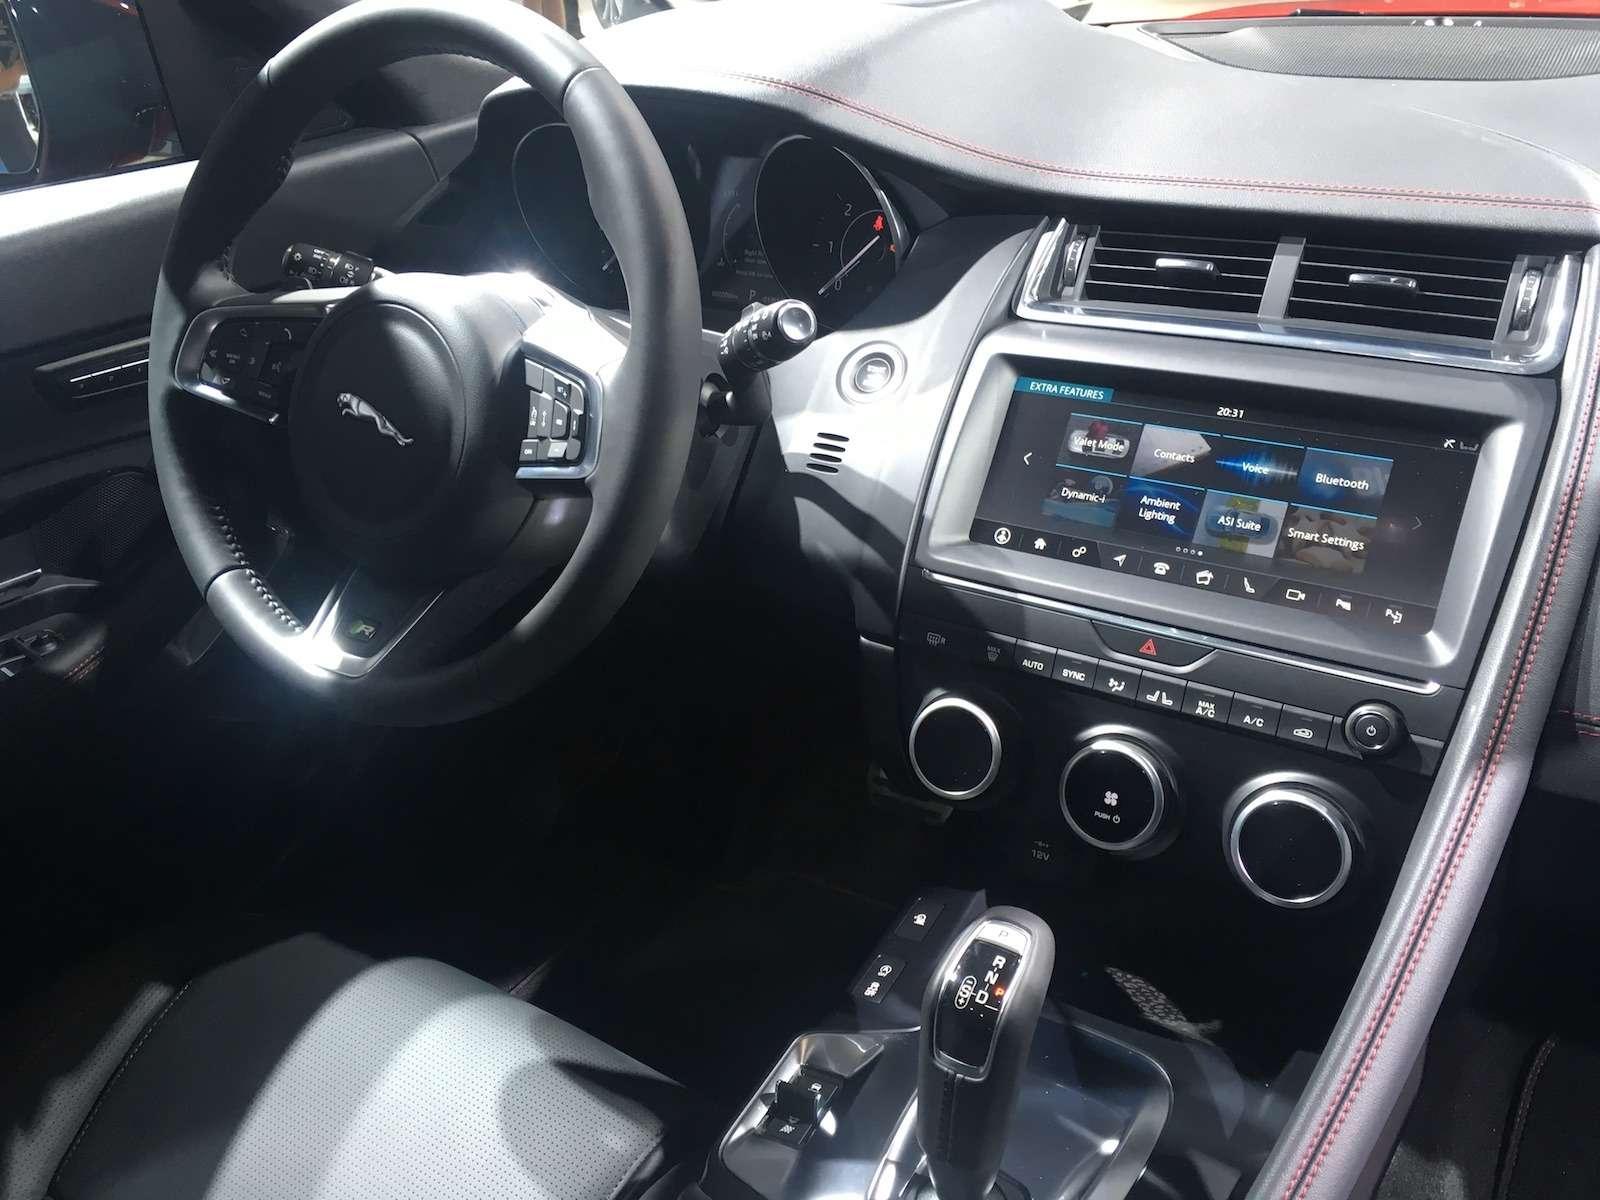 Новый Duster идругие премьеры автосалона воФранкфурте: онлайн-трансляция. Часть 1— фото 793546